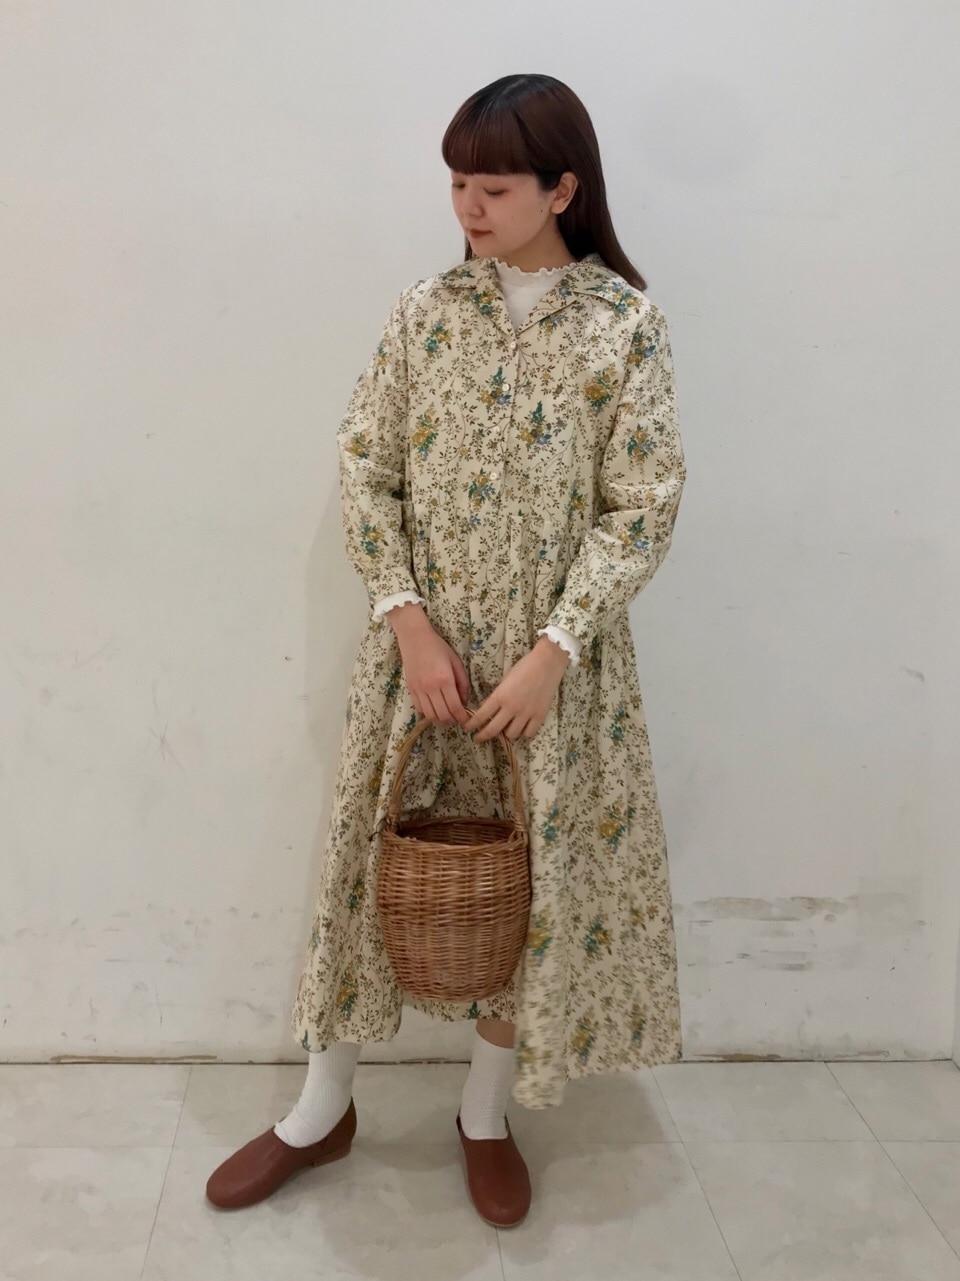 l'atelier du savon 東京スカイツリータウン・ソラマチ 身長:154cm 2021.03.09